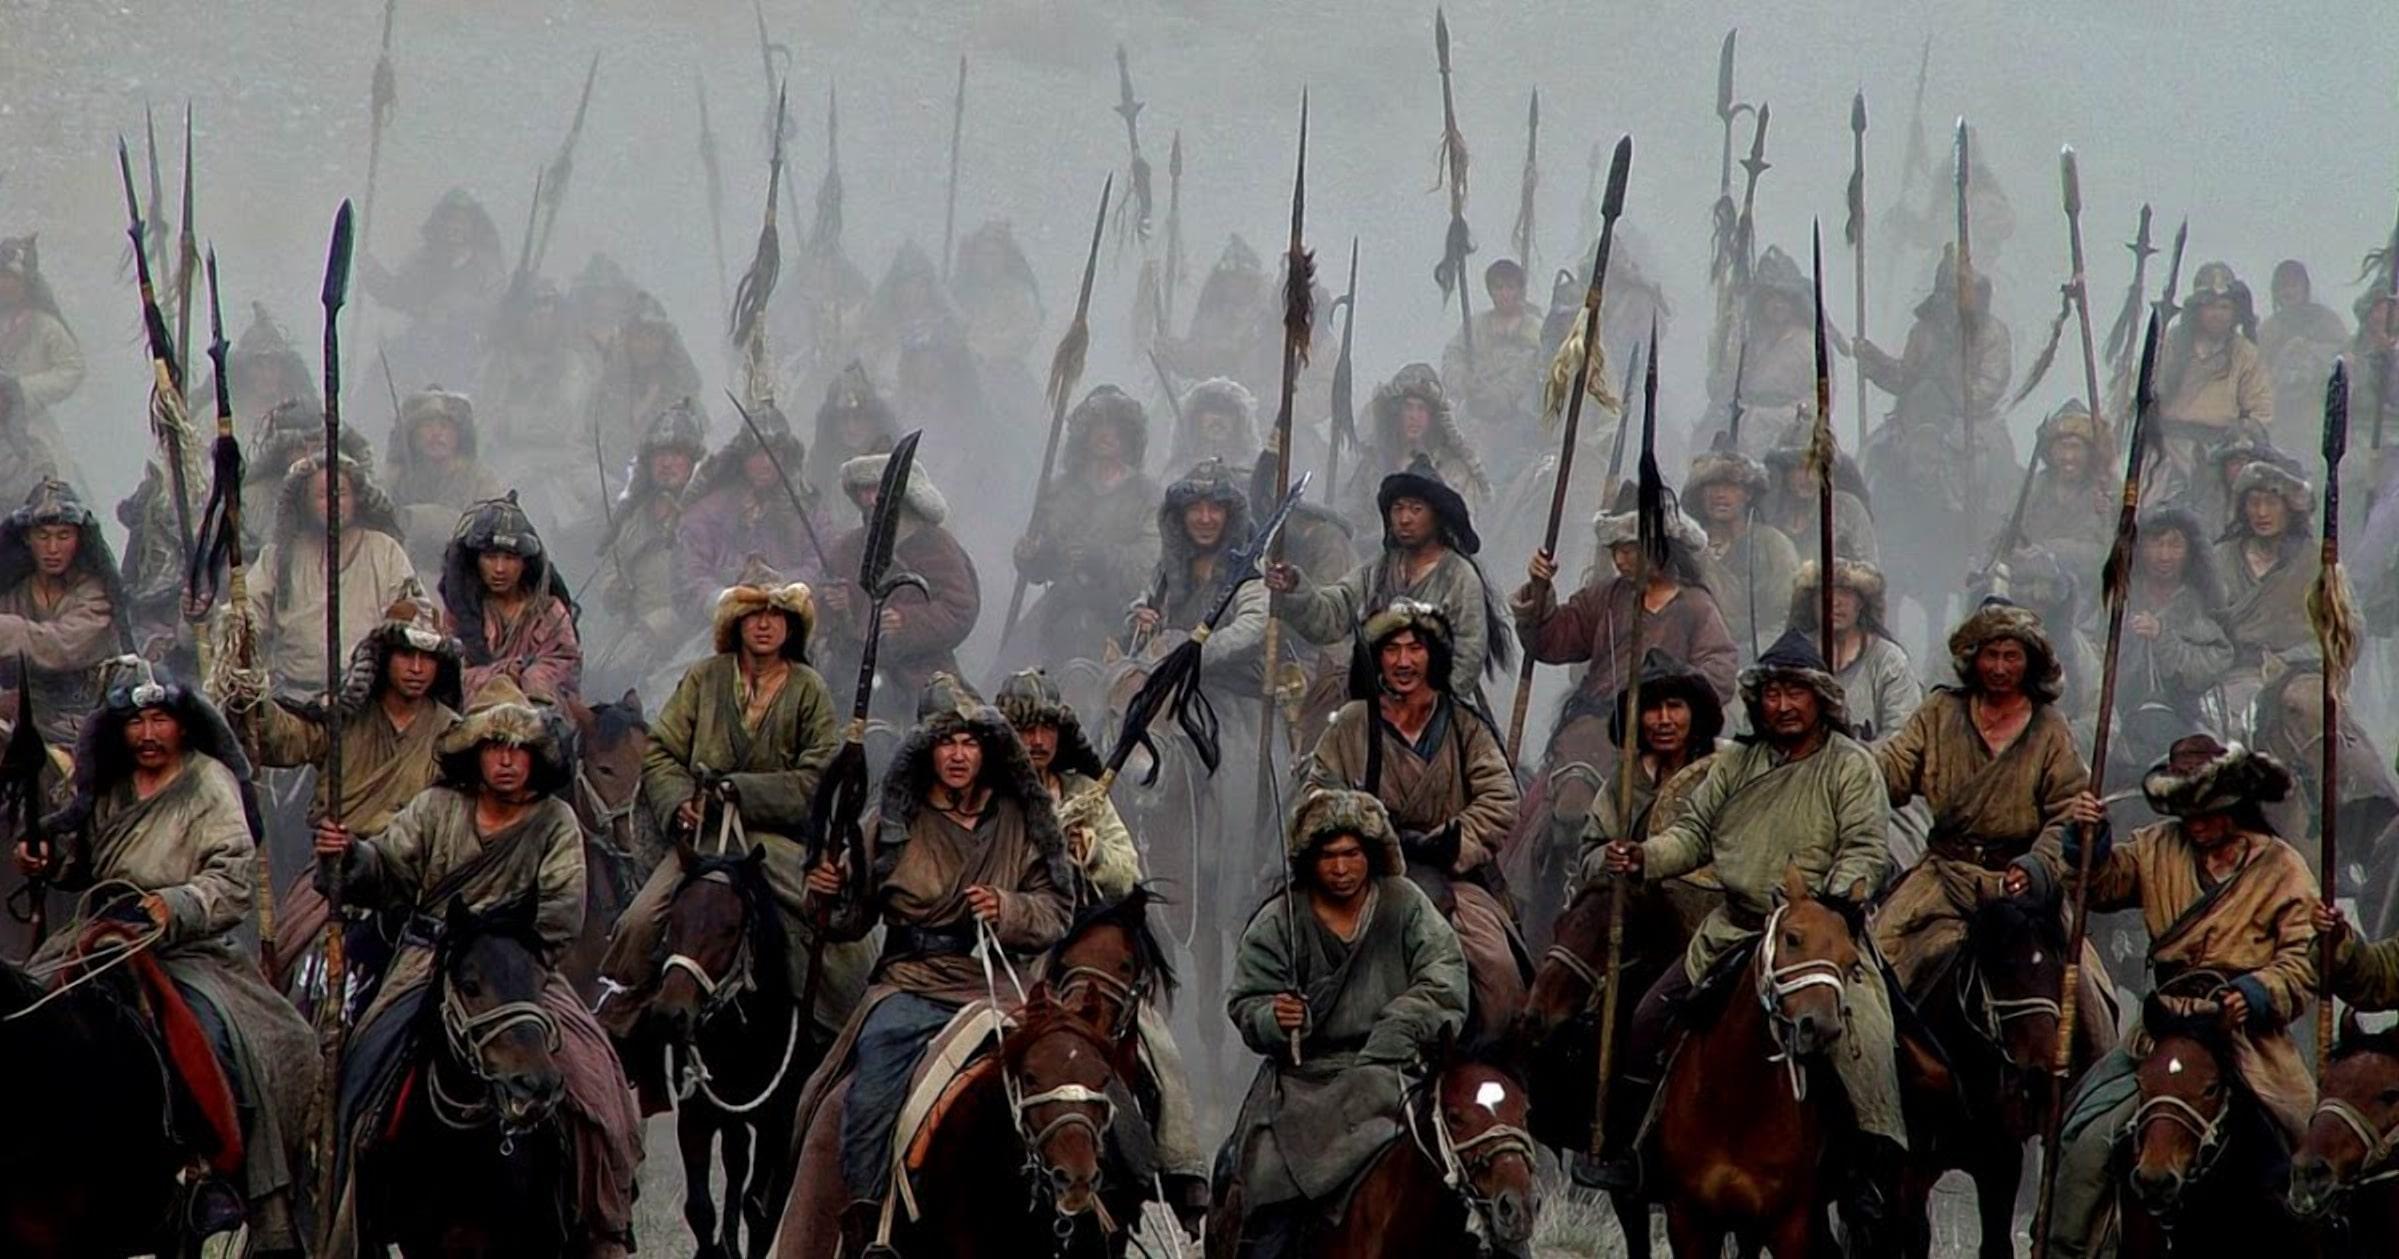 Татары шли в набег на Литву вместе с галицкими дружинами